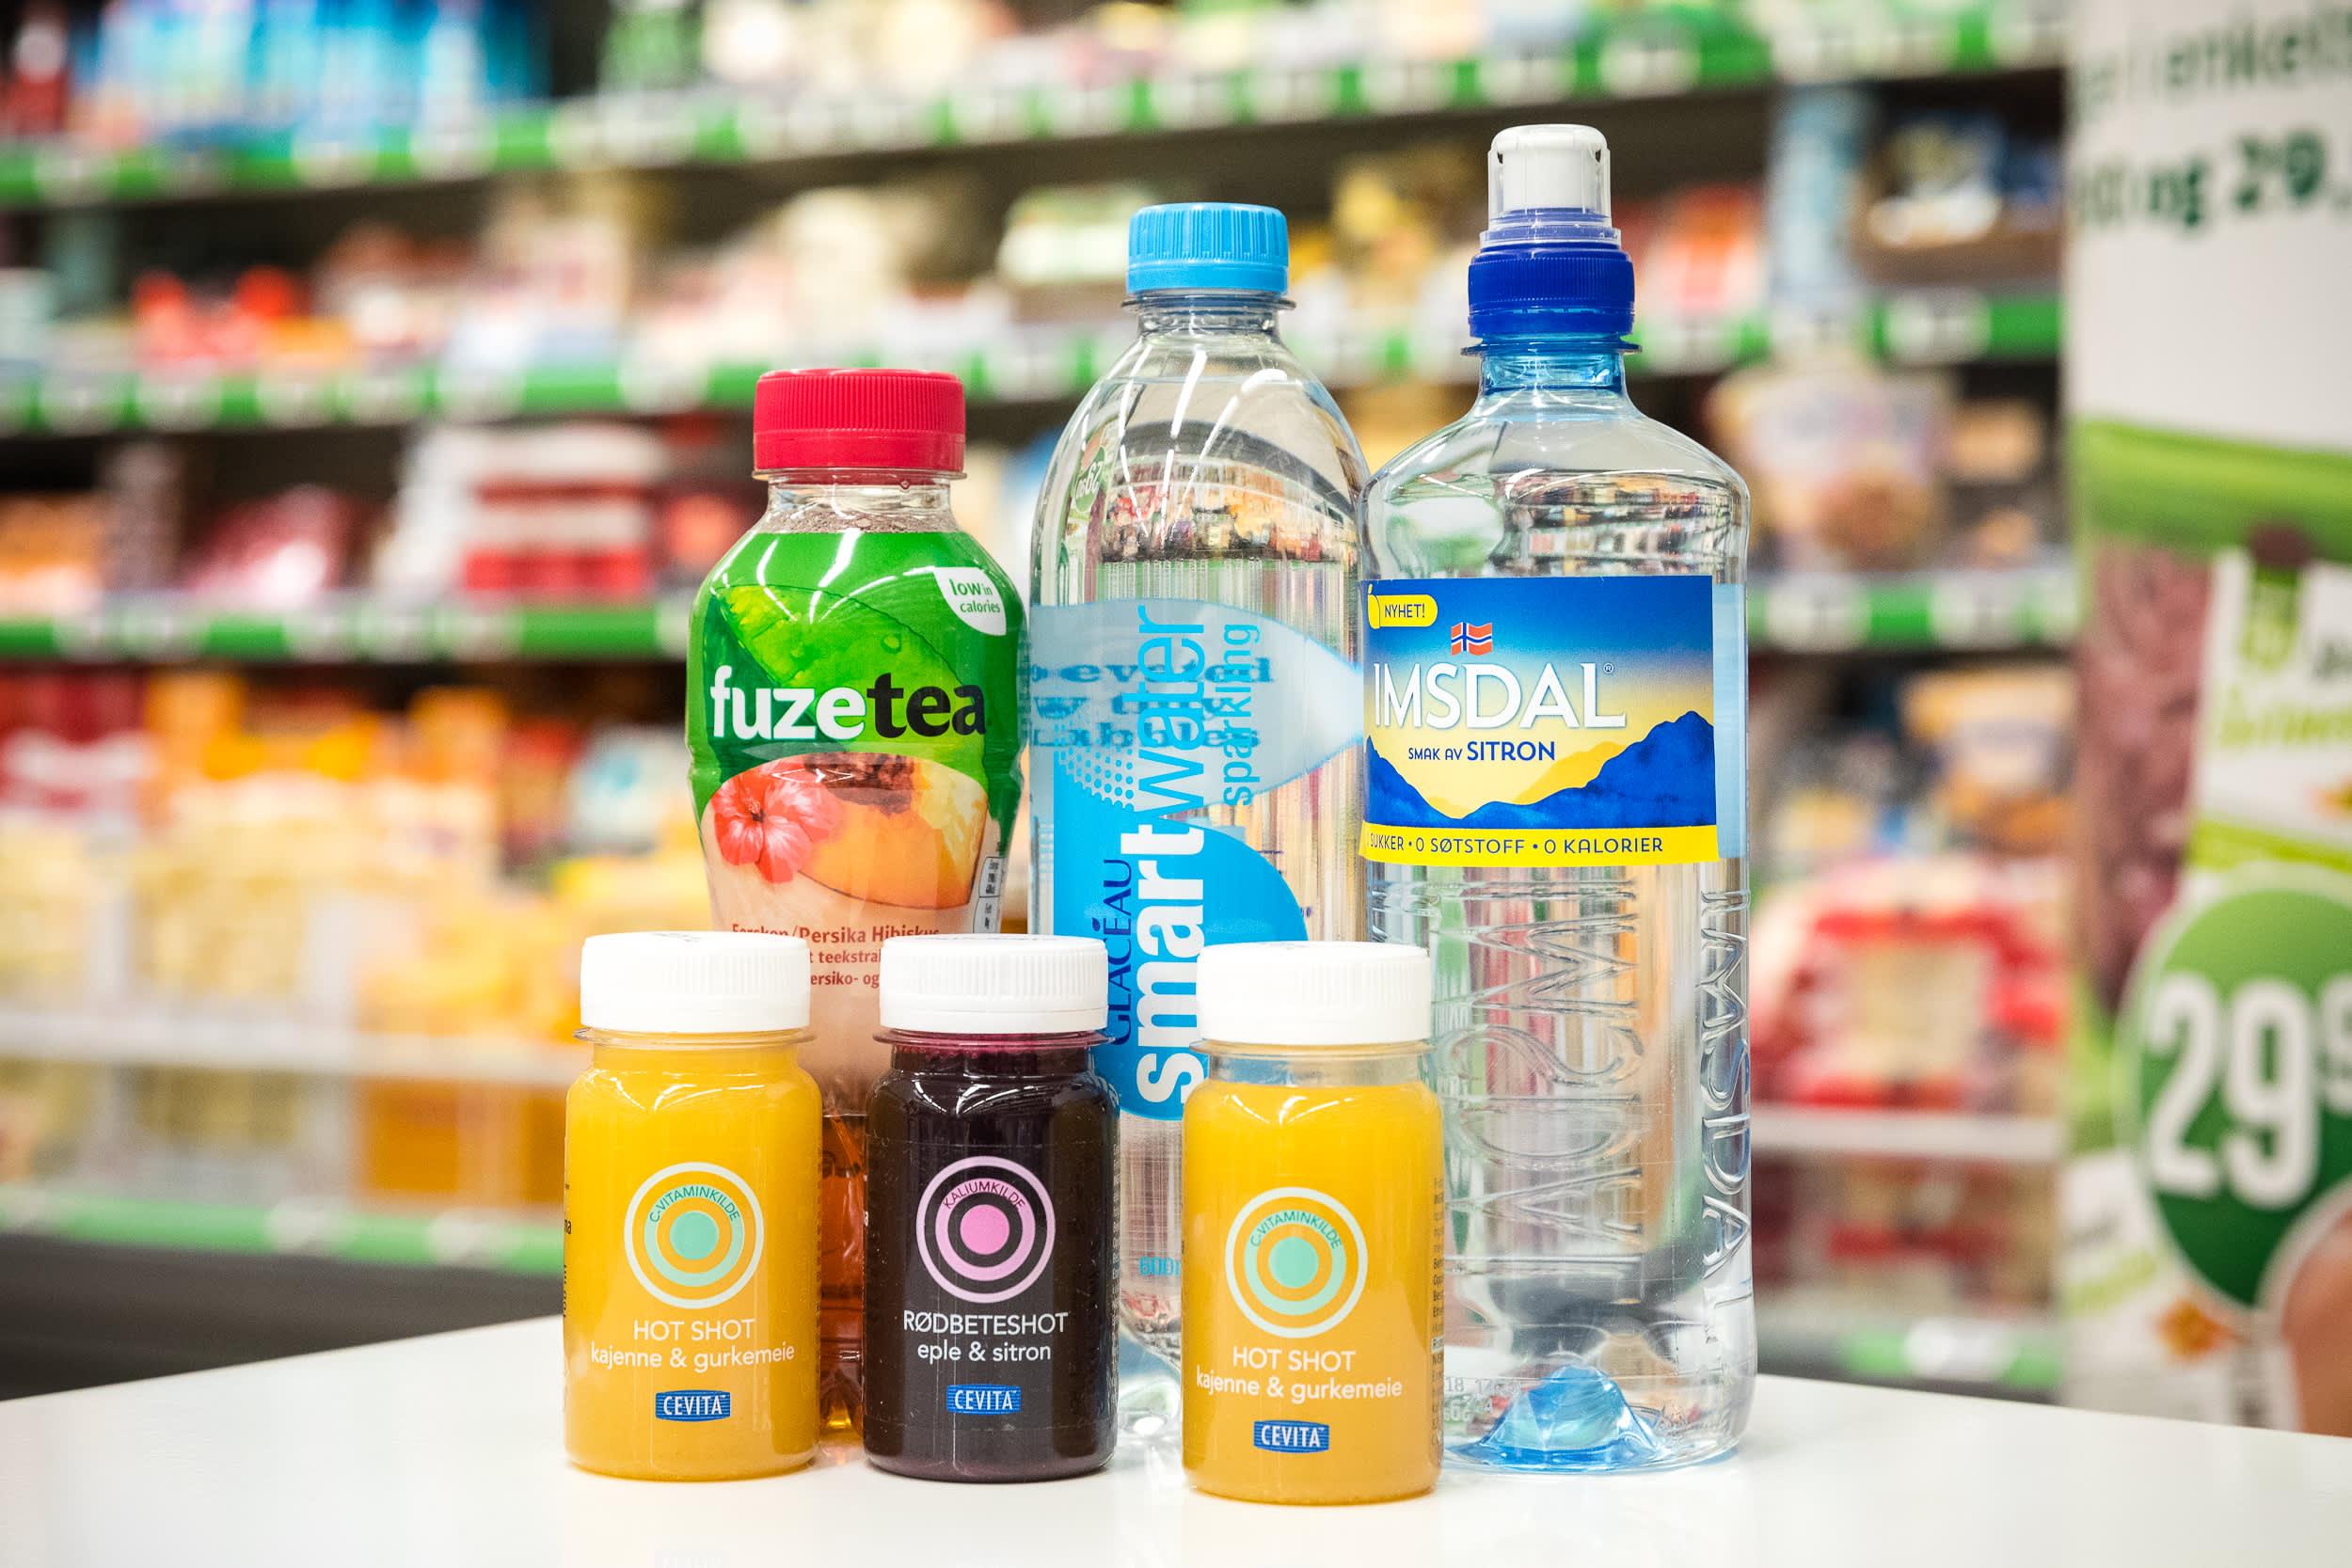 Har du ikke springvann, finnes det flere sunne alternativer du kan velge blant hos KIWI.